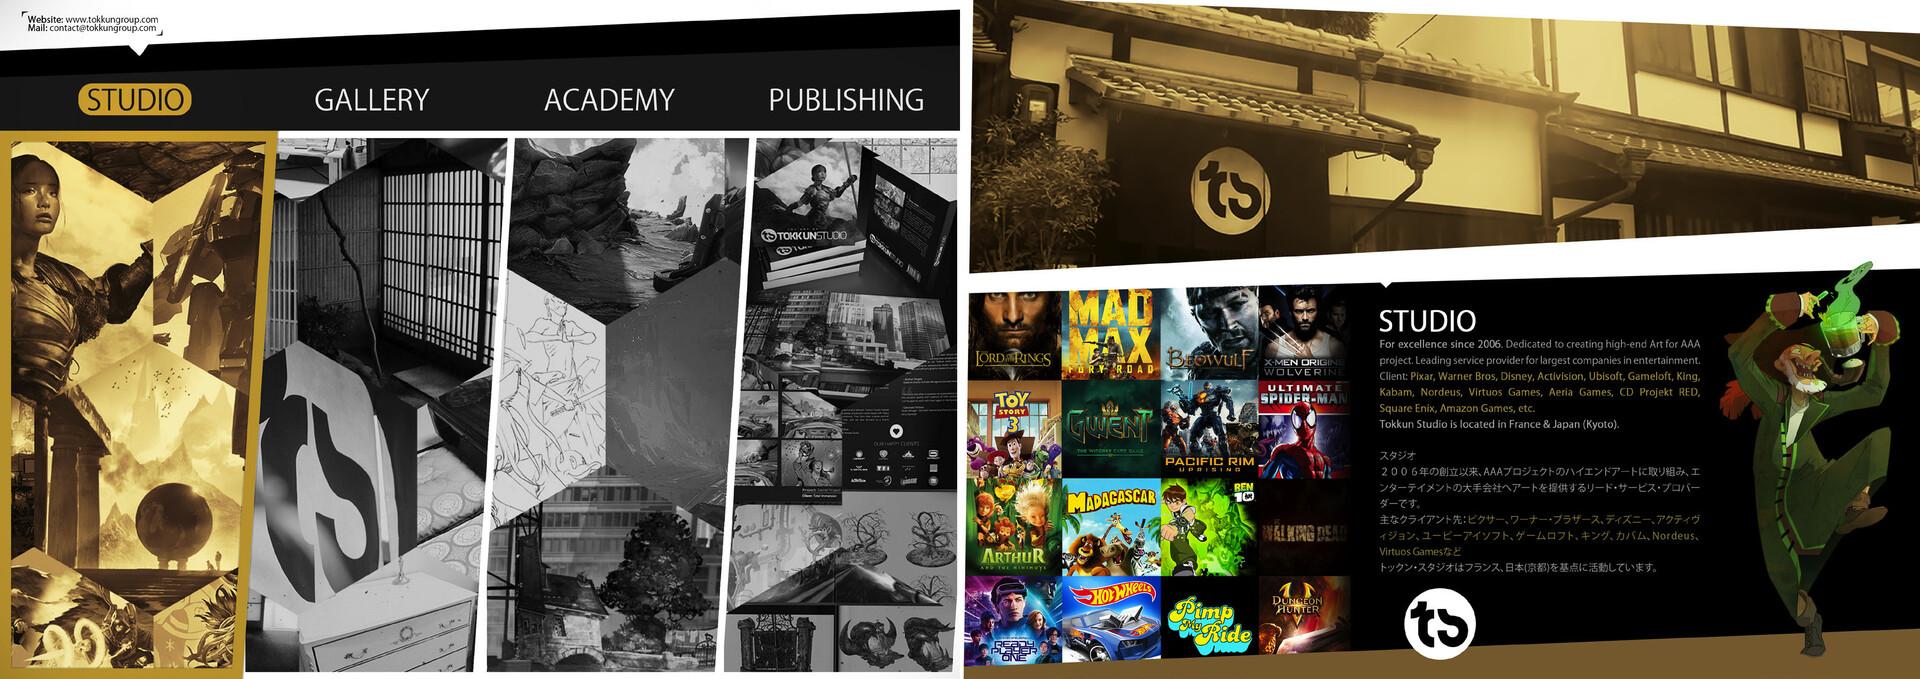 Tokkun studio pdf ts public2019 page 05